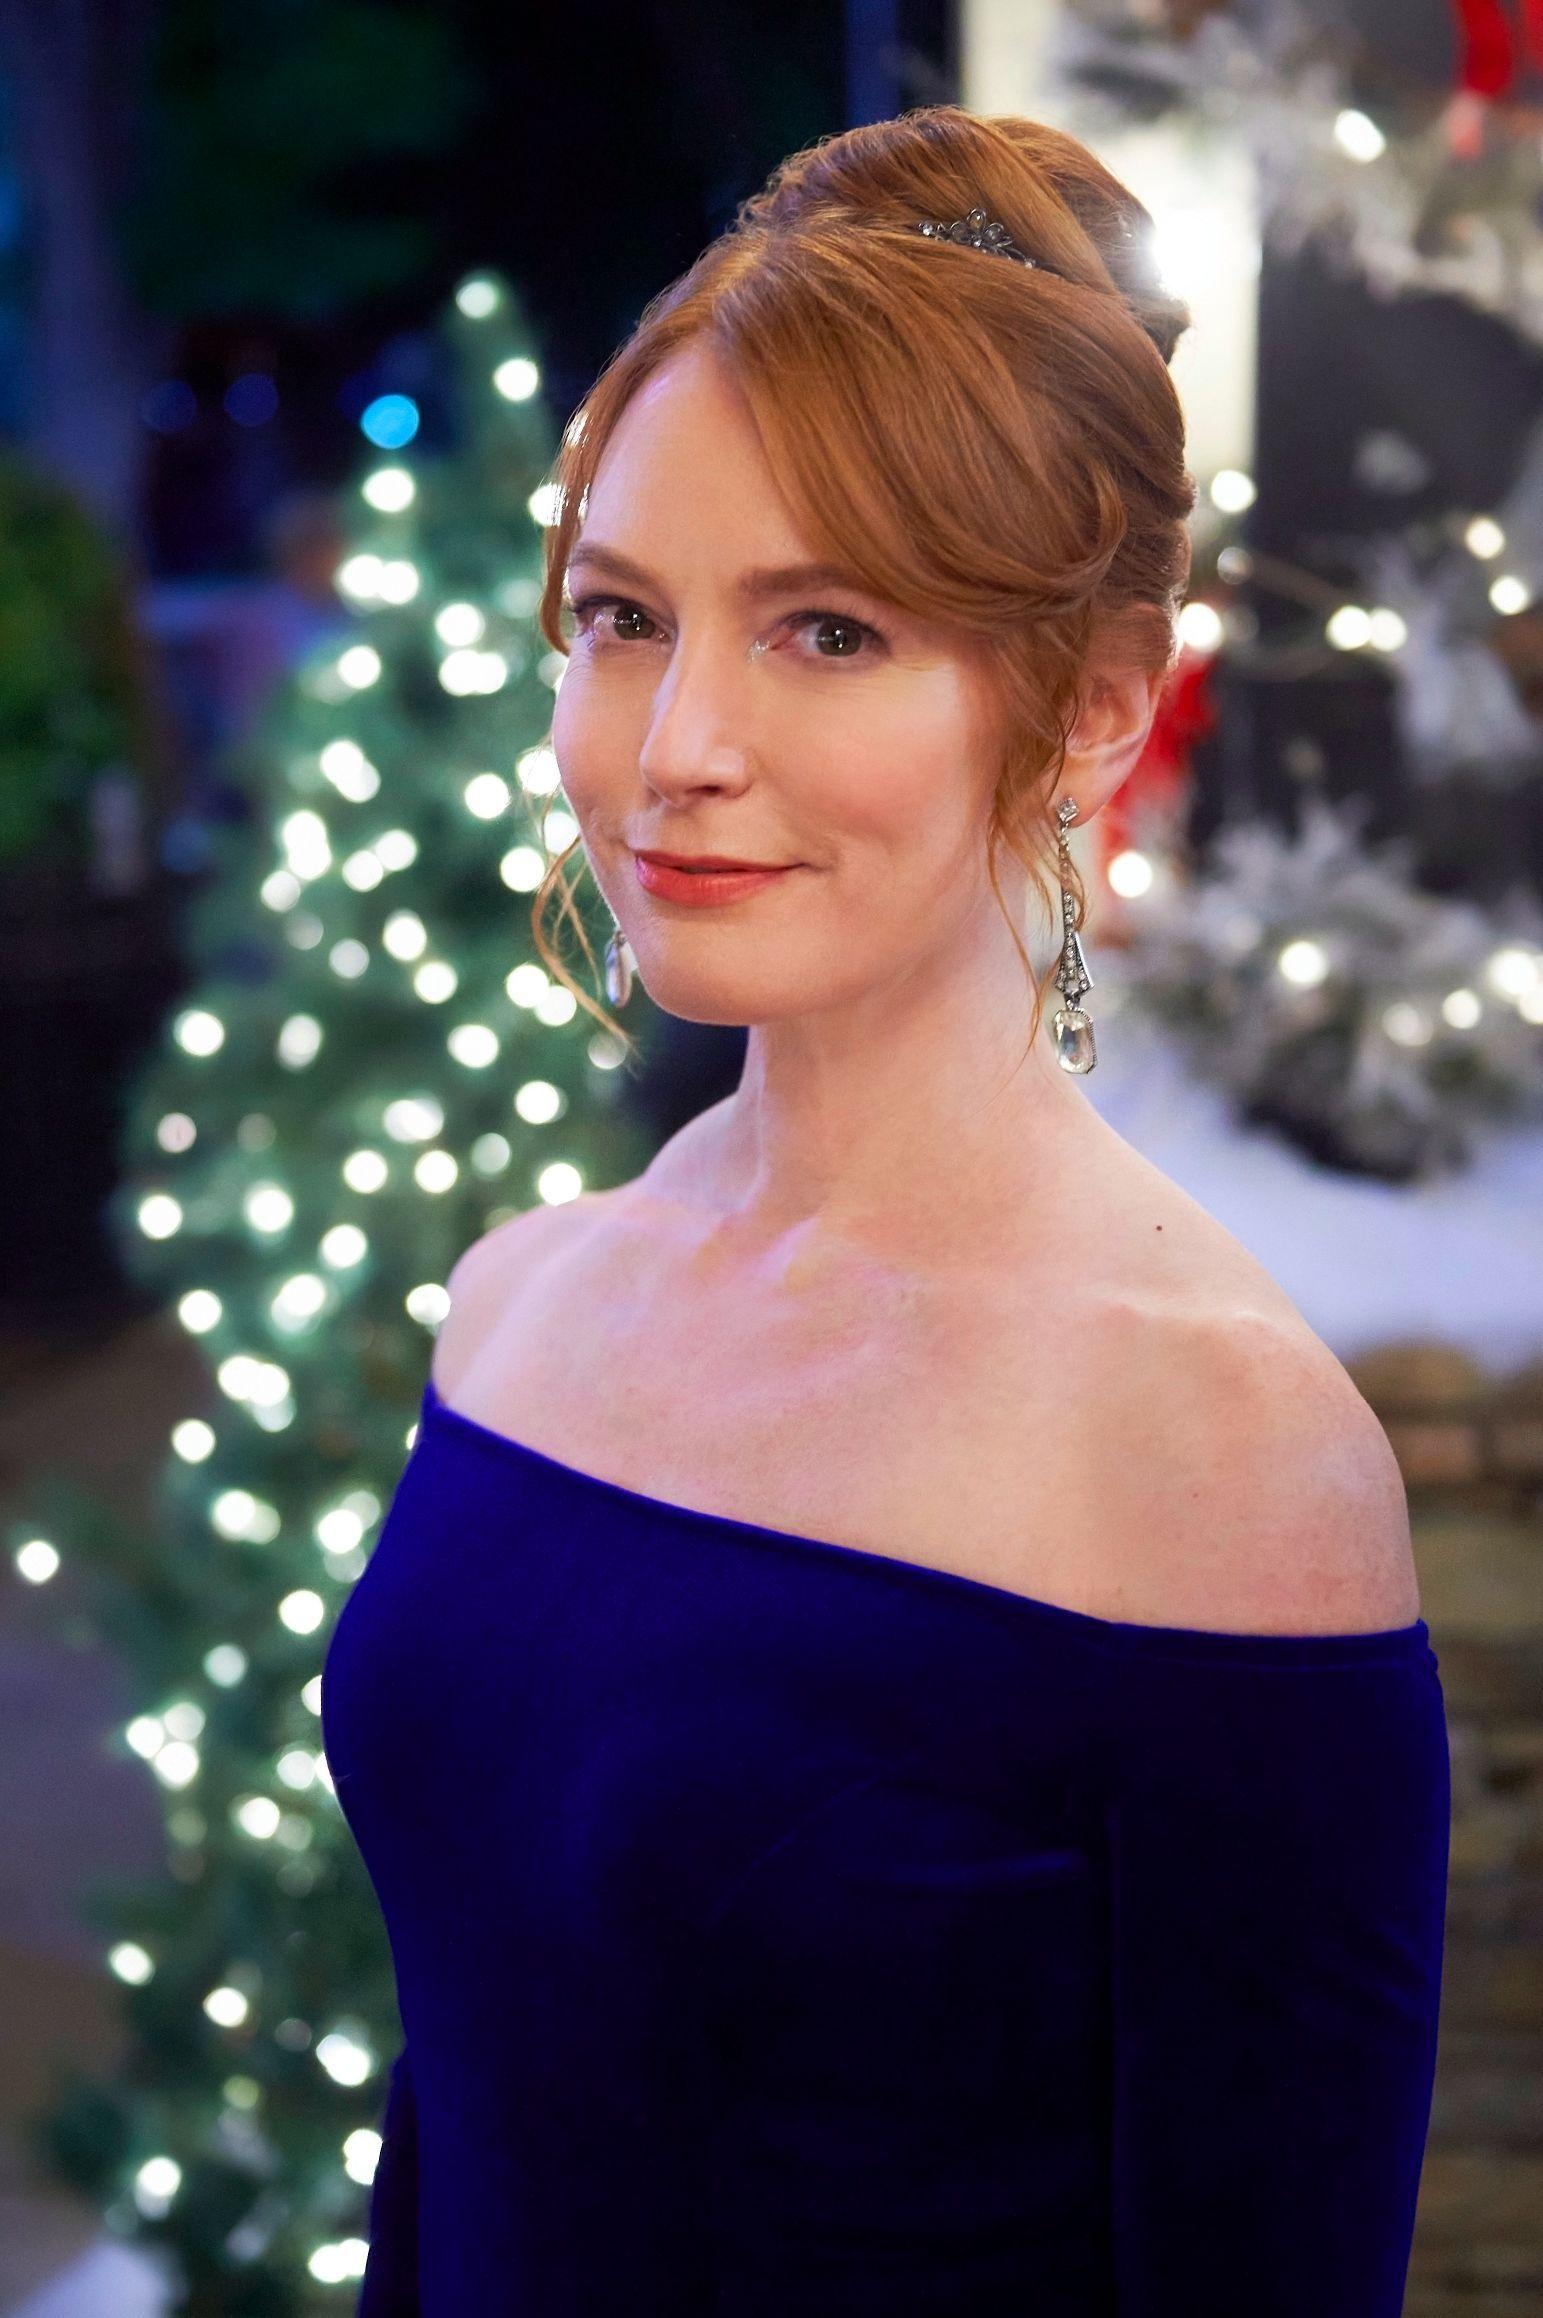 Christmas Tree Lane Starring Alicia Witt Hallmark Christmas Movie In 2020 Hallmark Christmas Movies Hallmark Movies Hallmark Christmas